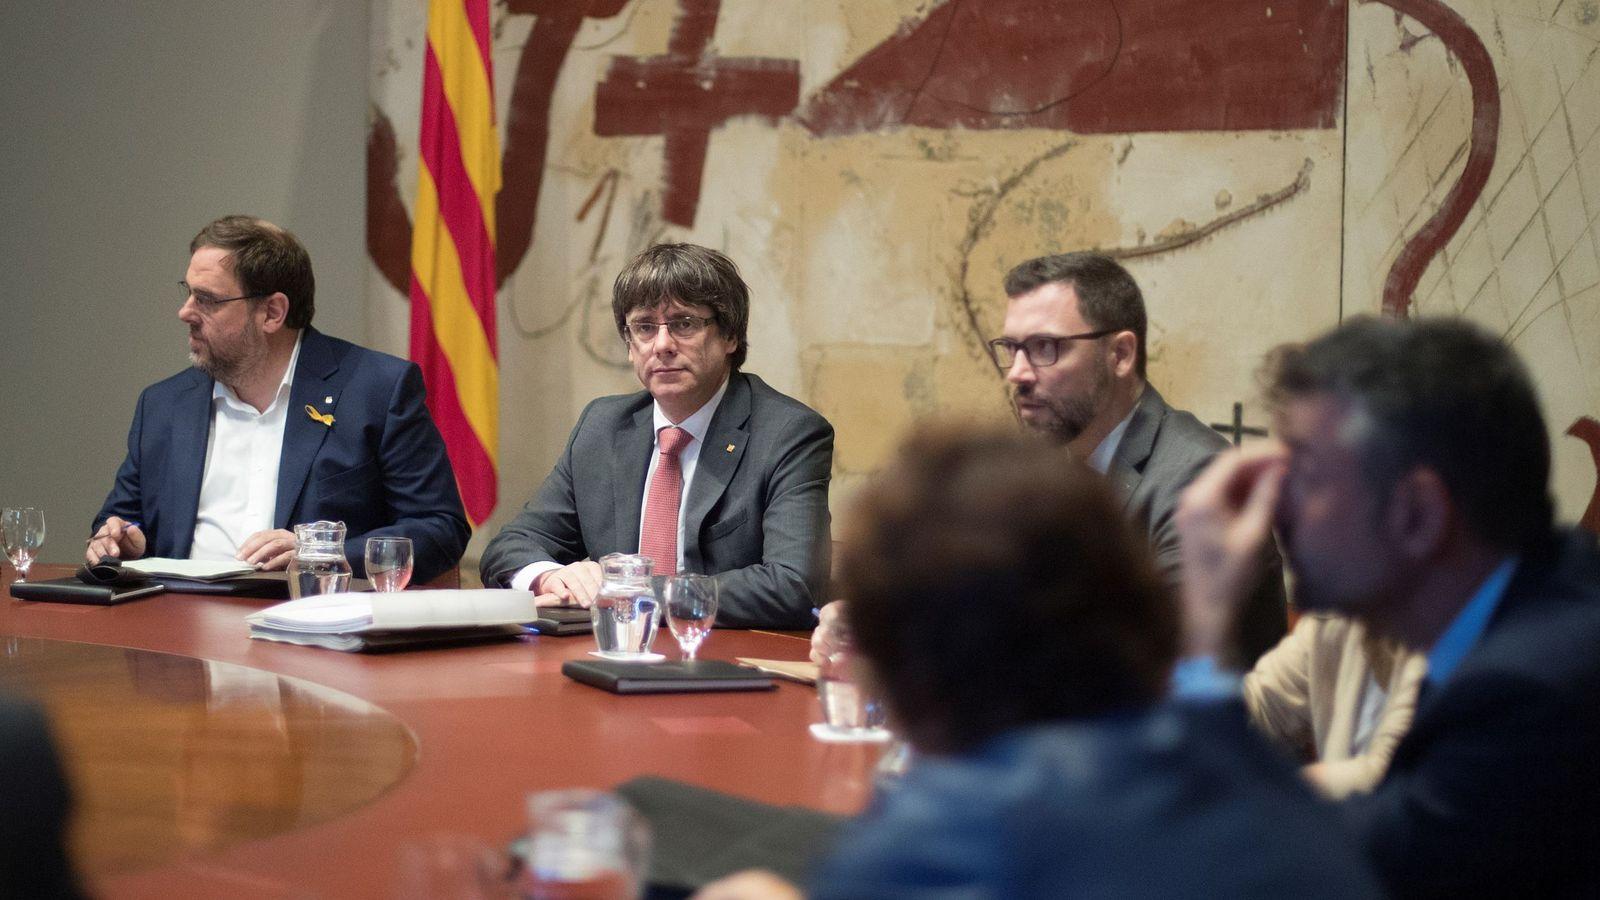 Foto: El presidente de la Generalitat, Carles Puigdemont (d), y el vicepresidente, Oriol Junqueras (i). (EFE)